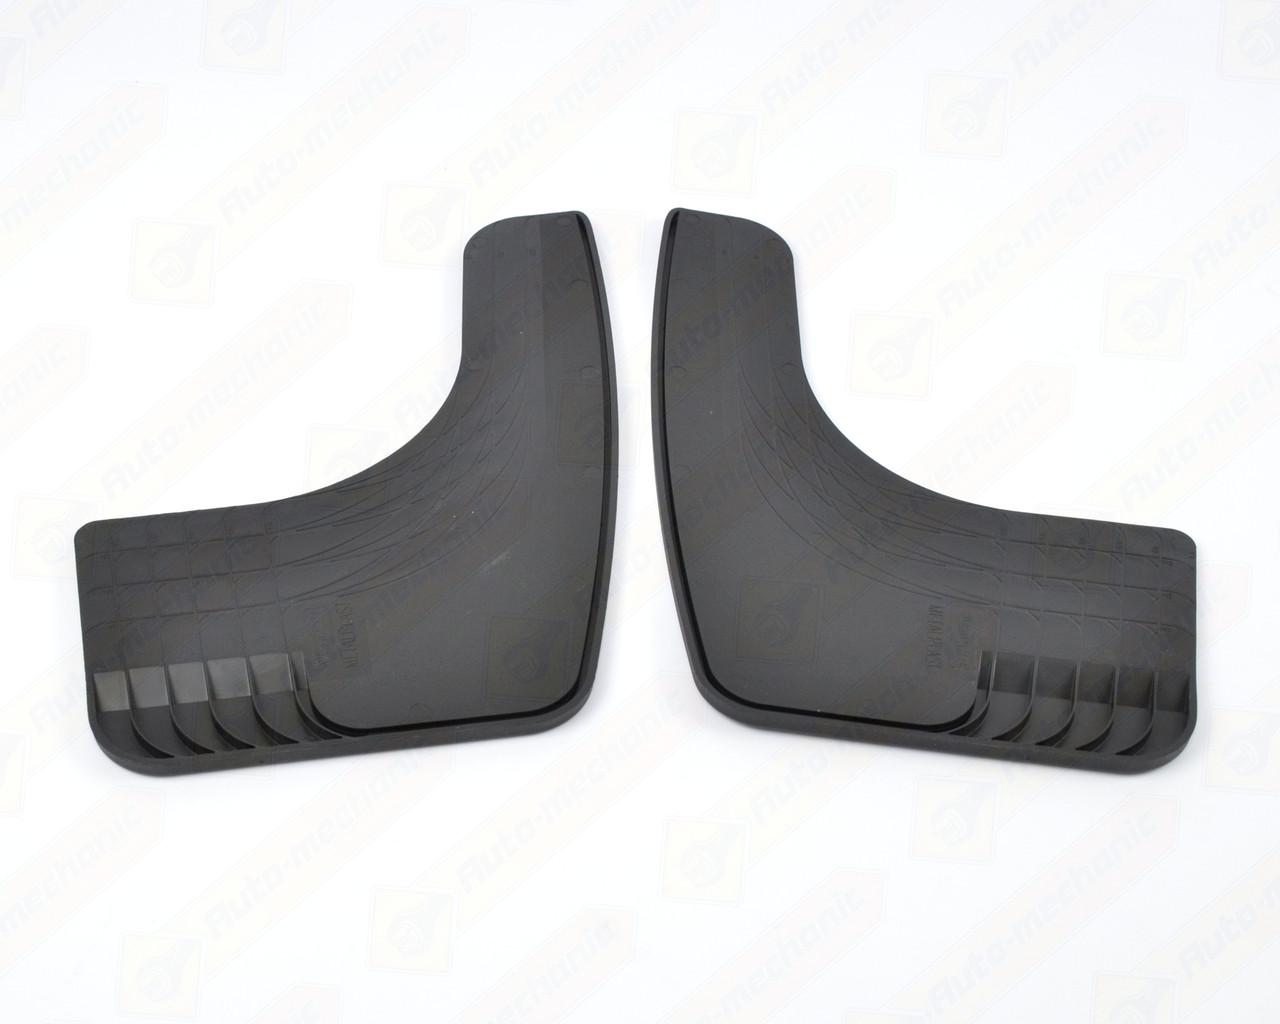 Брызговики передние / задние (к-т) на Renault Megane IV 2016-> - Renault (Оригинал) - 8201212479